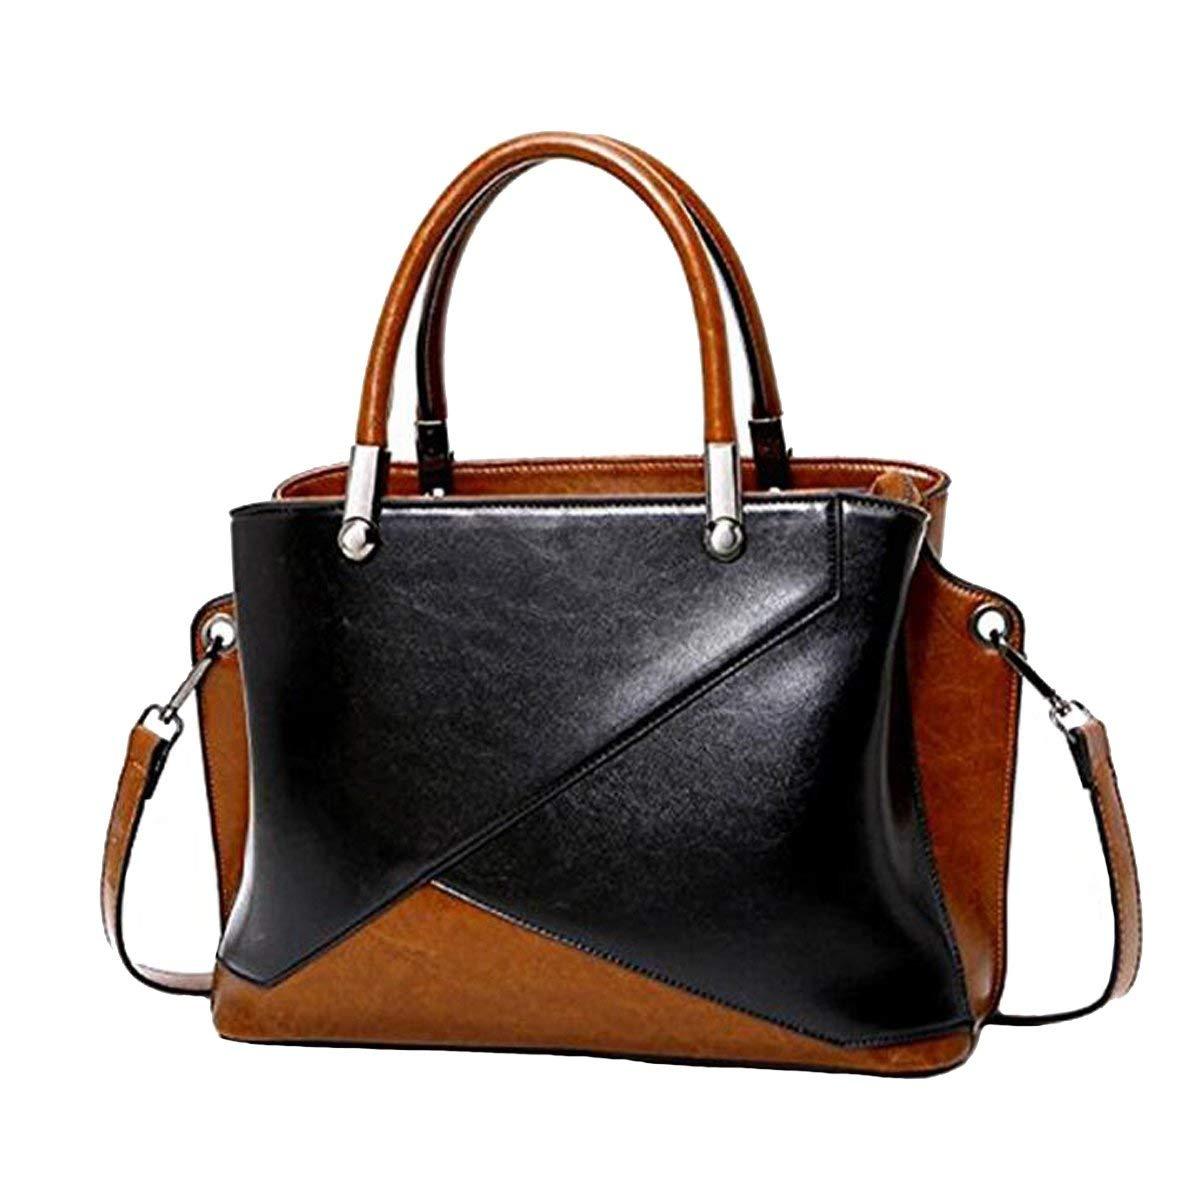 Ladies Handbag Womens Vintage Elegant Genuine Leather Top-Handle Shoulder Bag Tote with Removable Strap (color   Black)